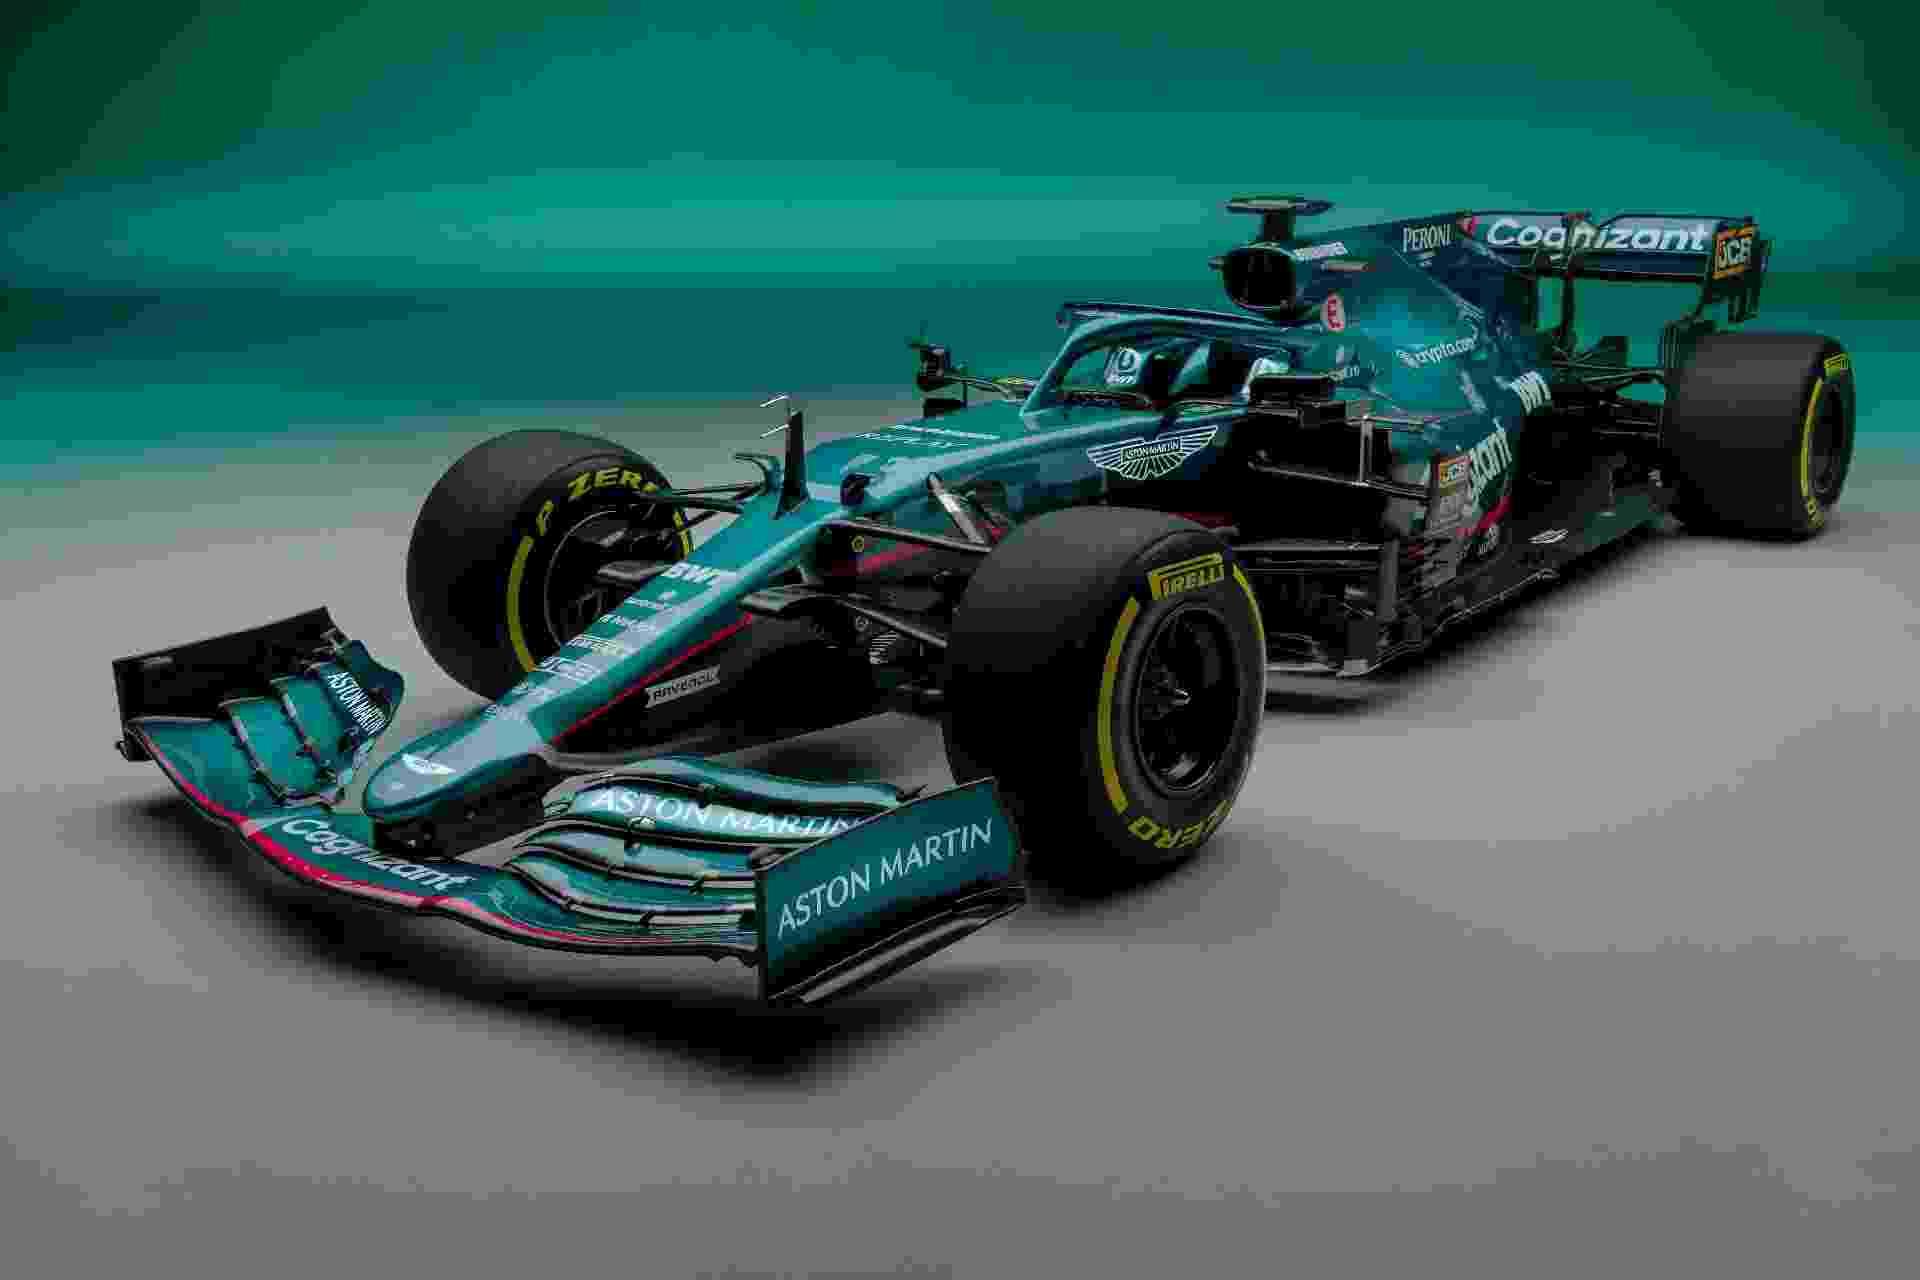 Aston Martin tem atraído muito patrocinadores e também contratou o tetracampeão Sebastian Vettel - Divulgação/Aston Martin